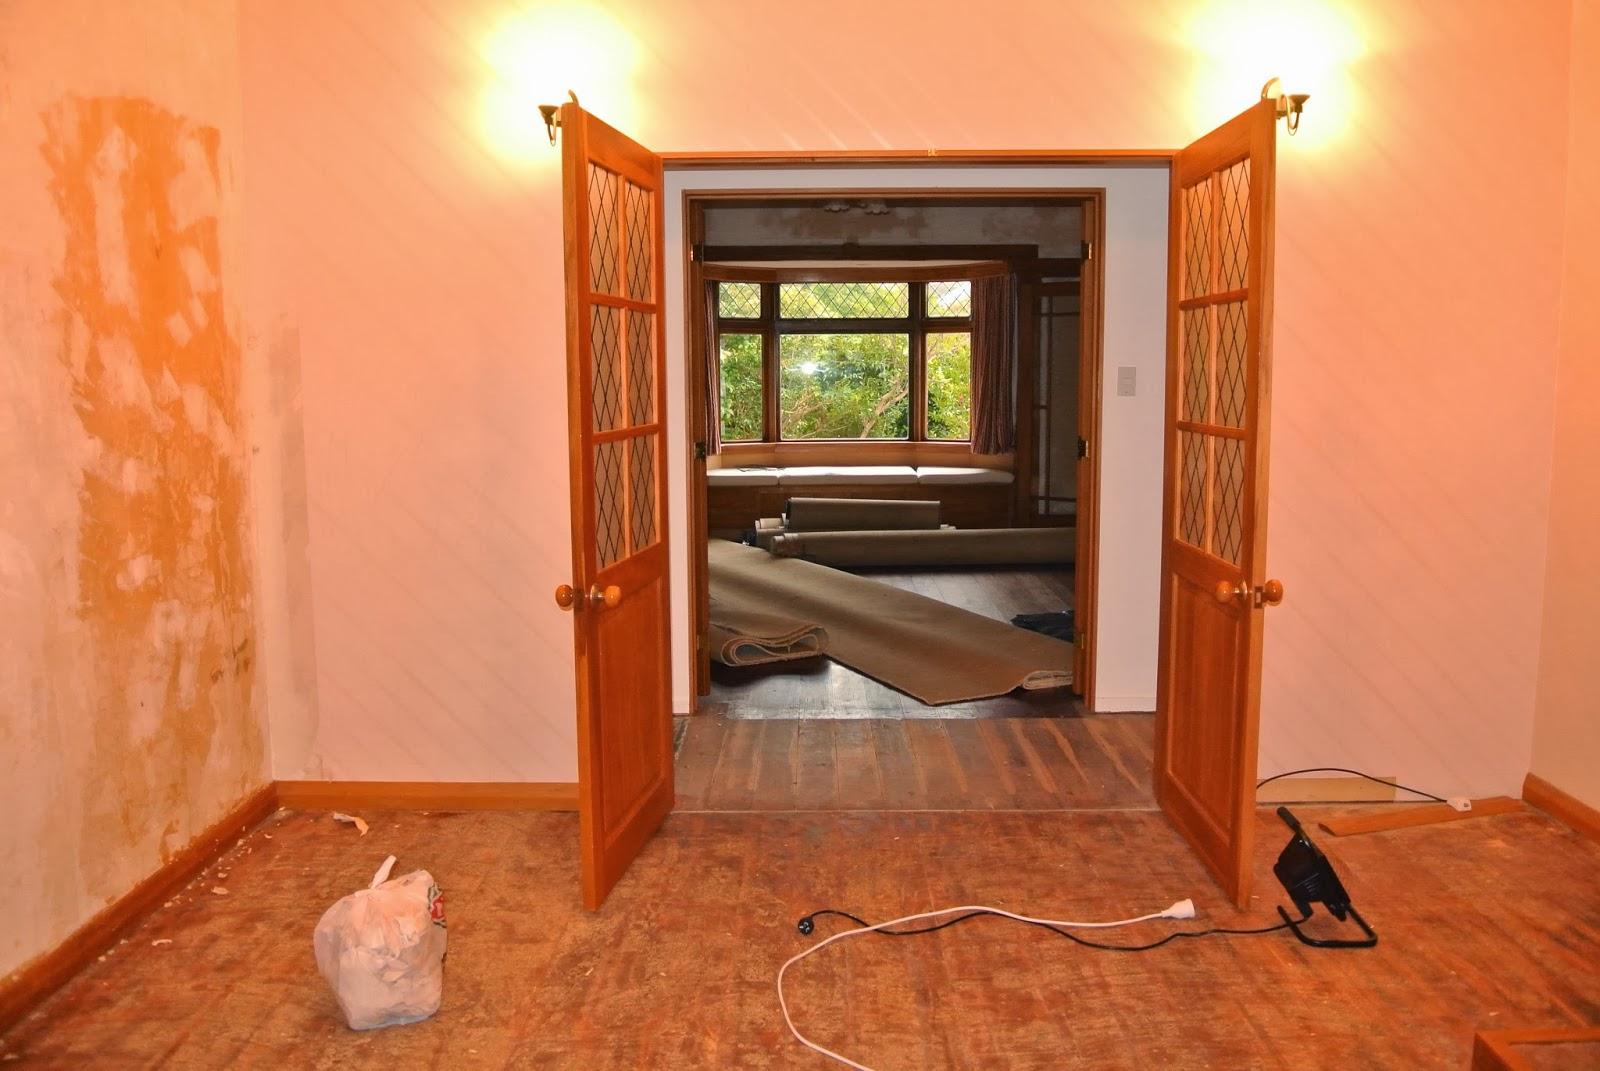 ニュージーランド移住でライフスタイル セルフでリビング改造 窓 床